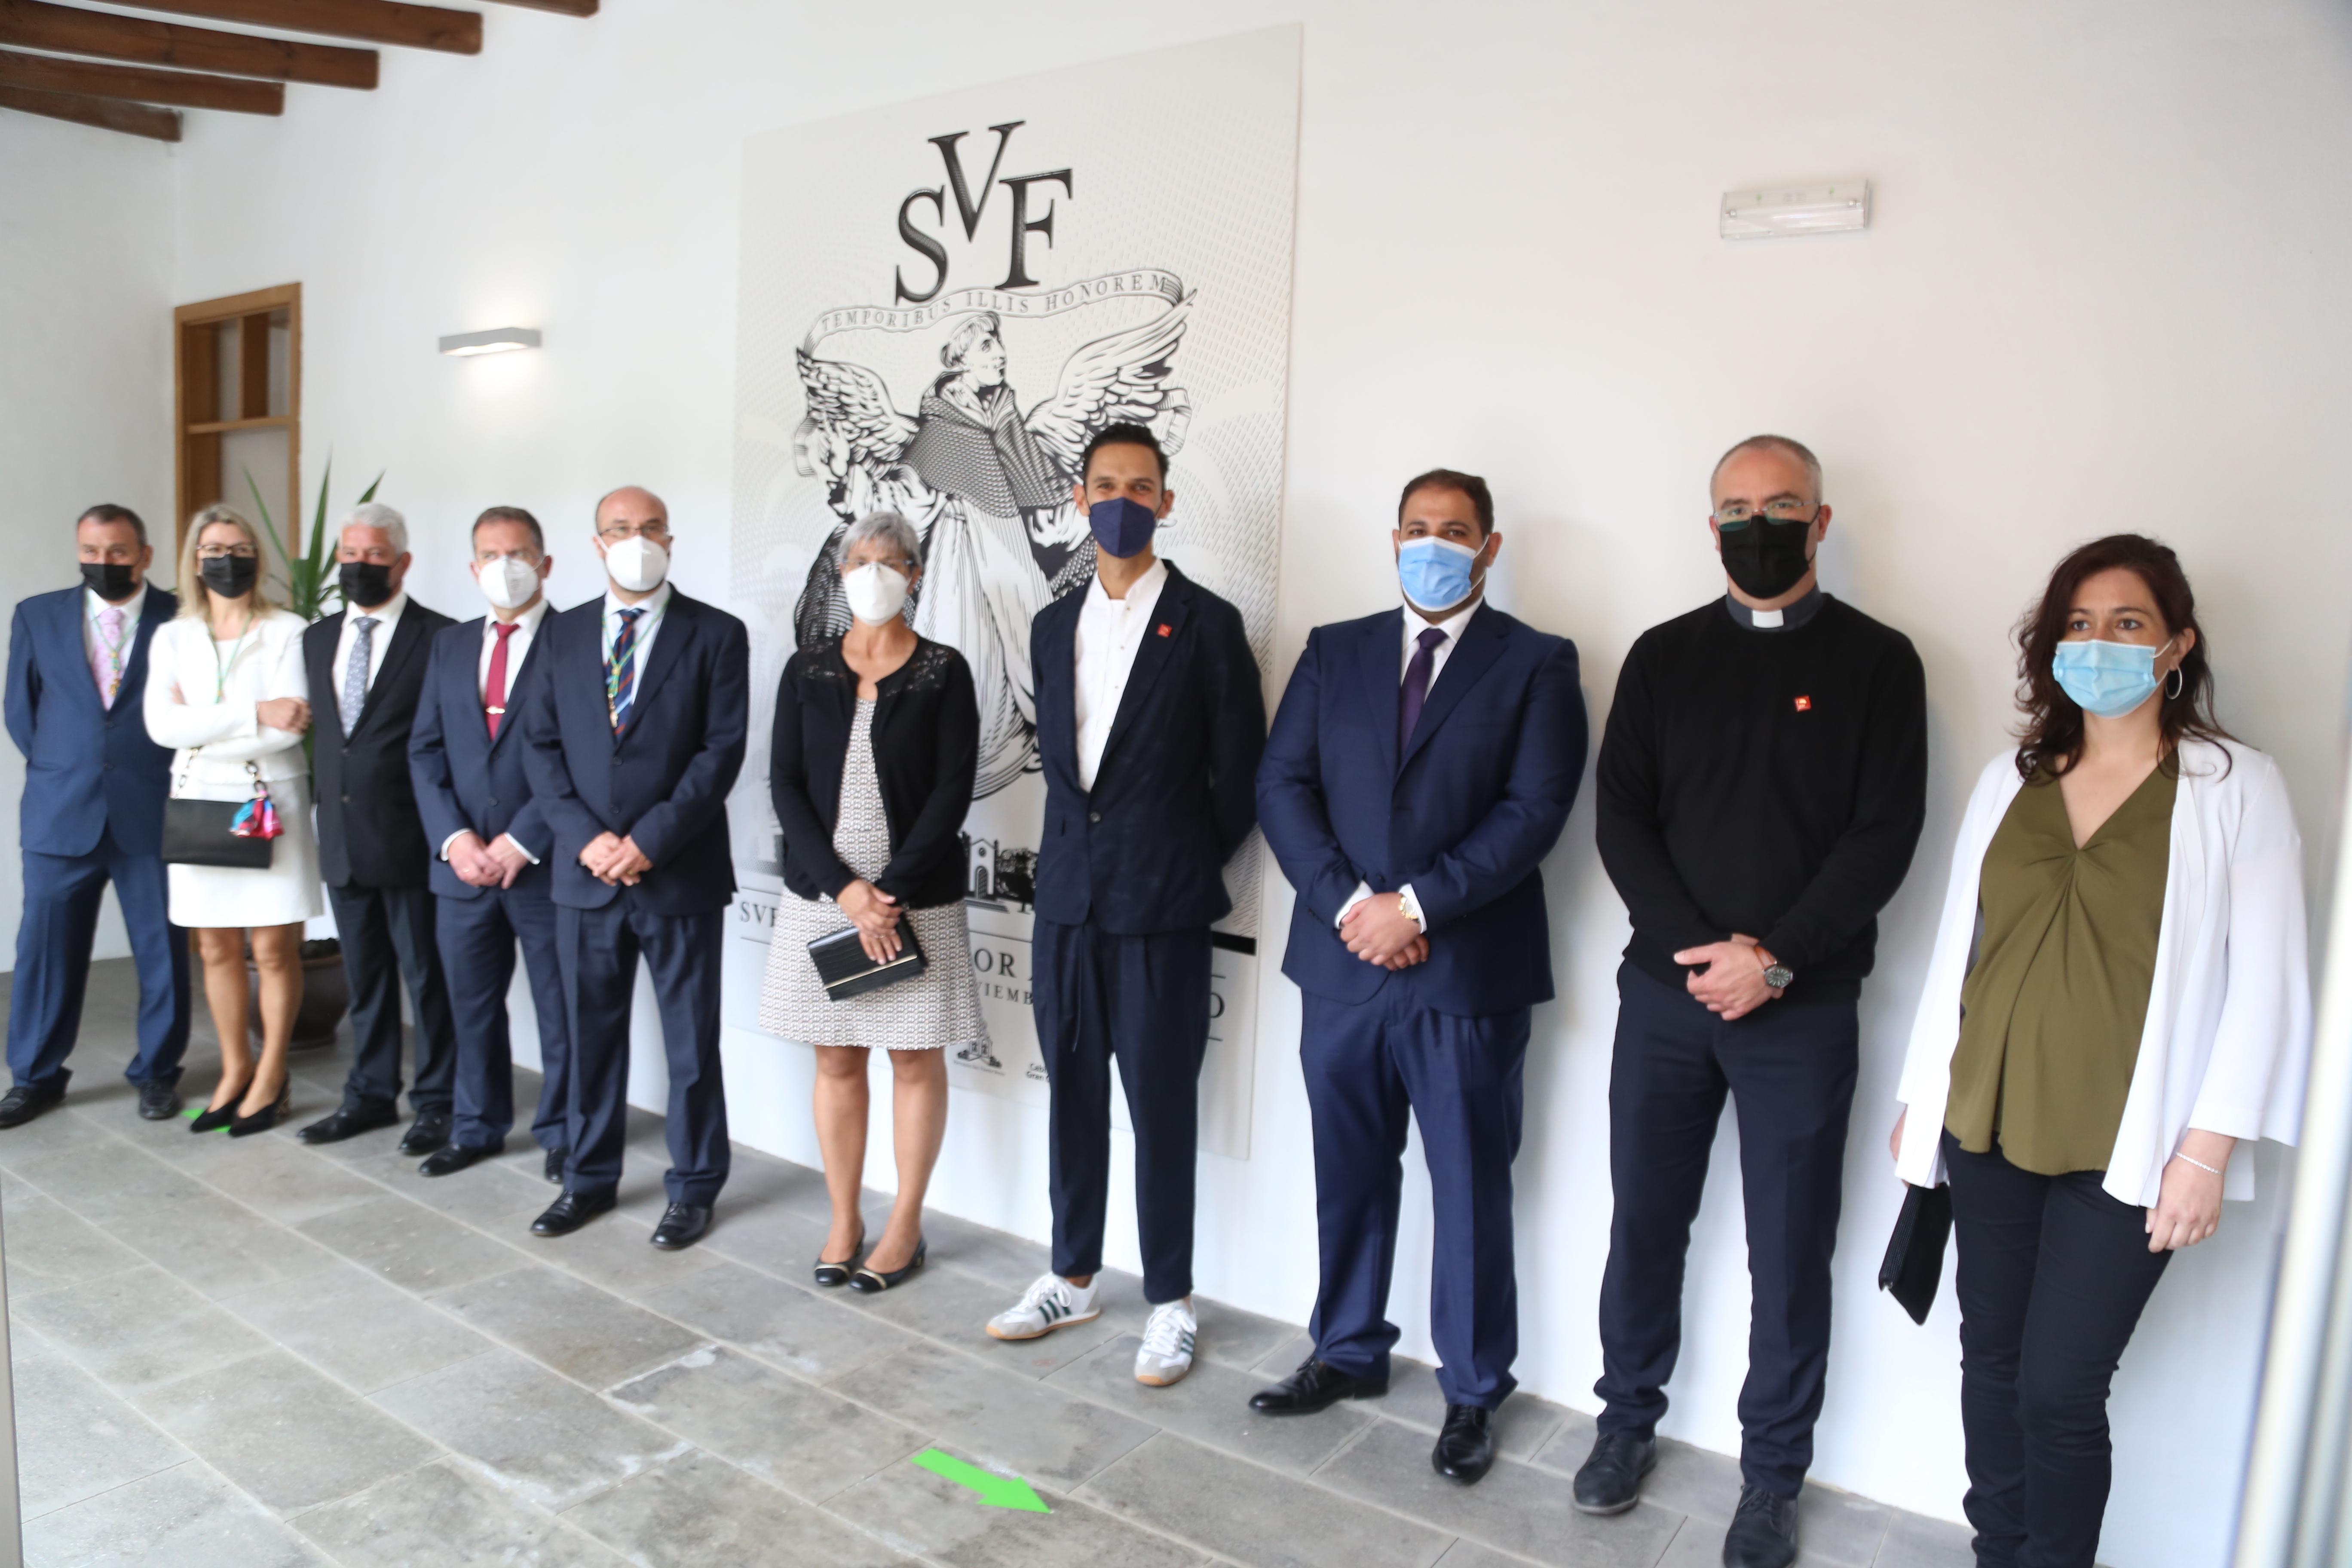 """El Museo Etnográfico de Valleseco acoge la muestra """"SVF. Dando honor al tiempo"""" / CanariasNoticias.es"""